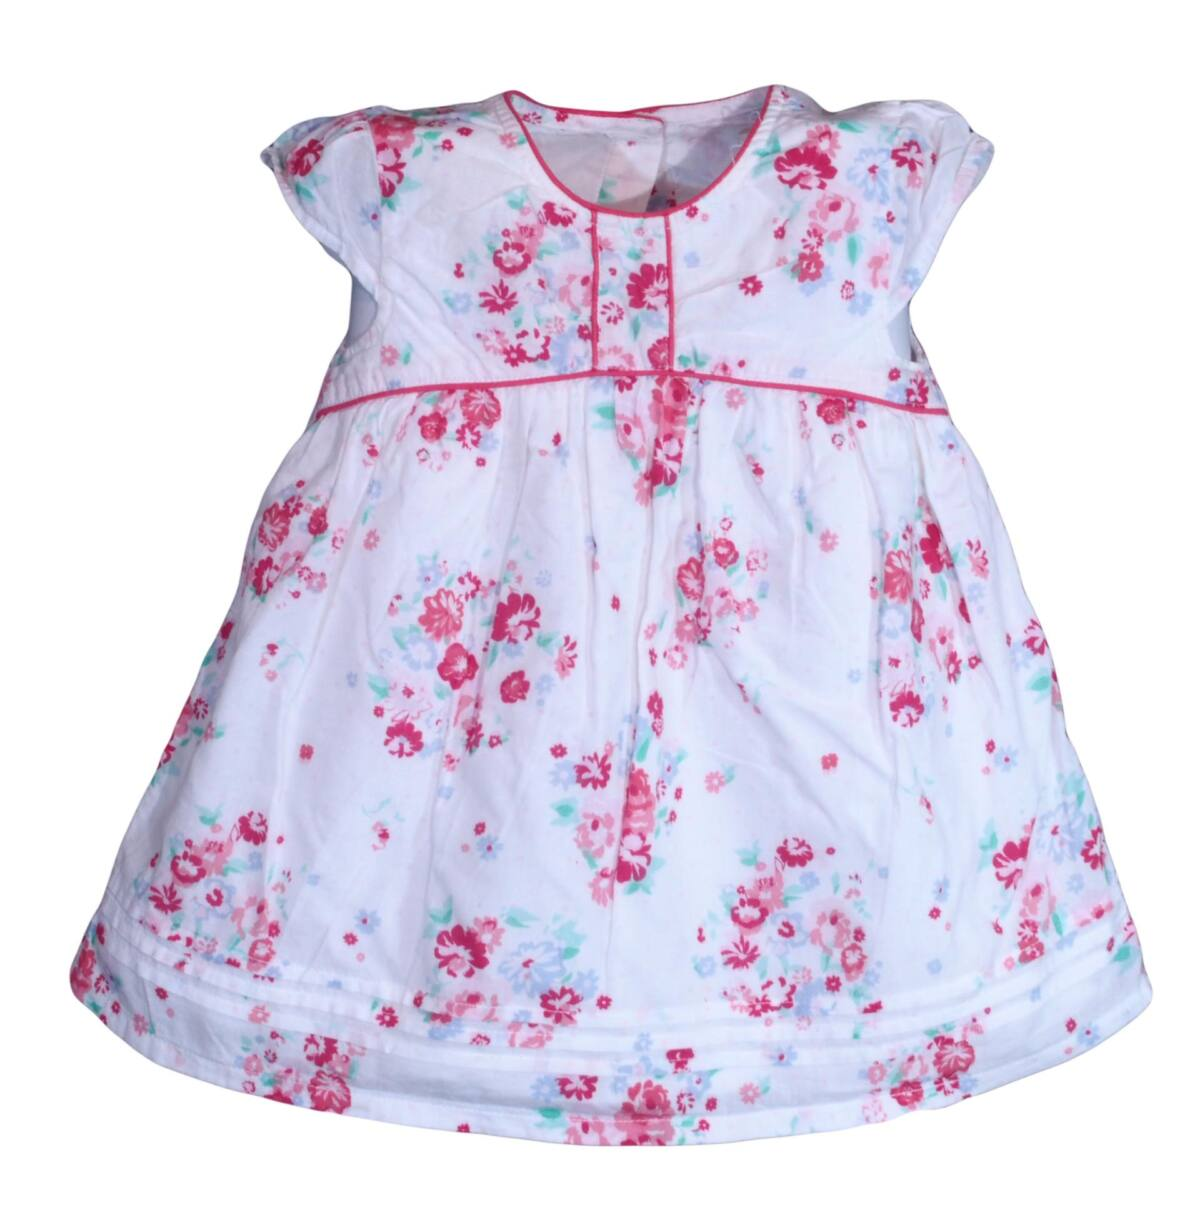 431d325f47 Apróvirágos ruha (68-74). Gyártó: George